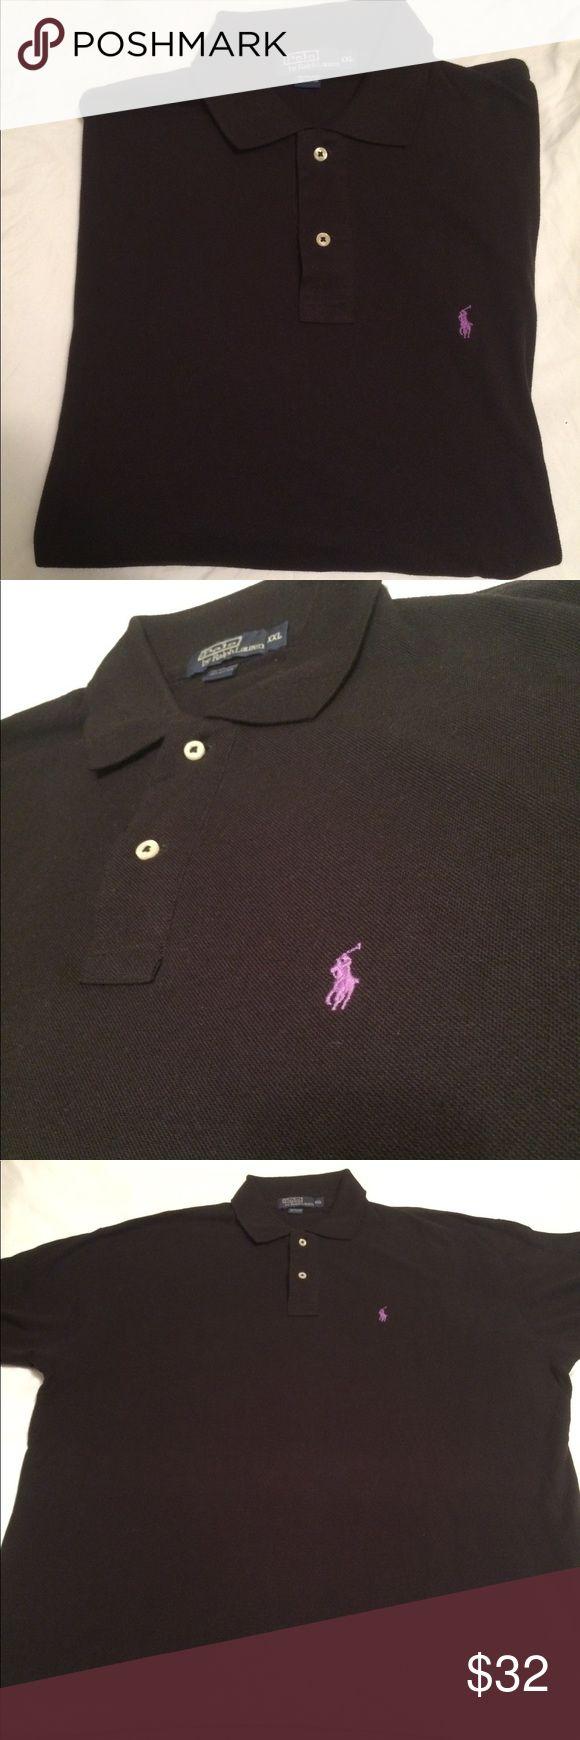 Ralph Lauren polo shirt 2XL Black Ralph Lauren polo shirt 2XL Black with purple polo horse.                                                              Condition Good Polo by Ralph Lauren Shirts Polos